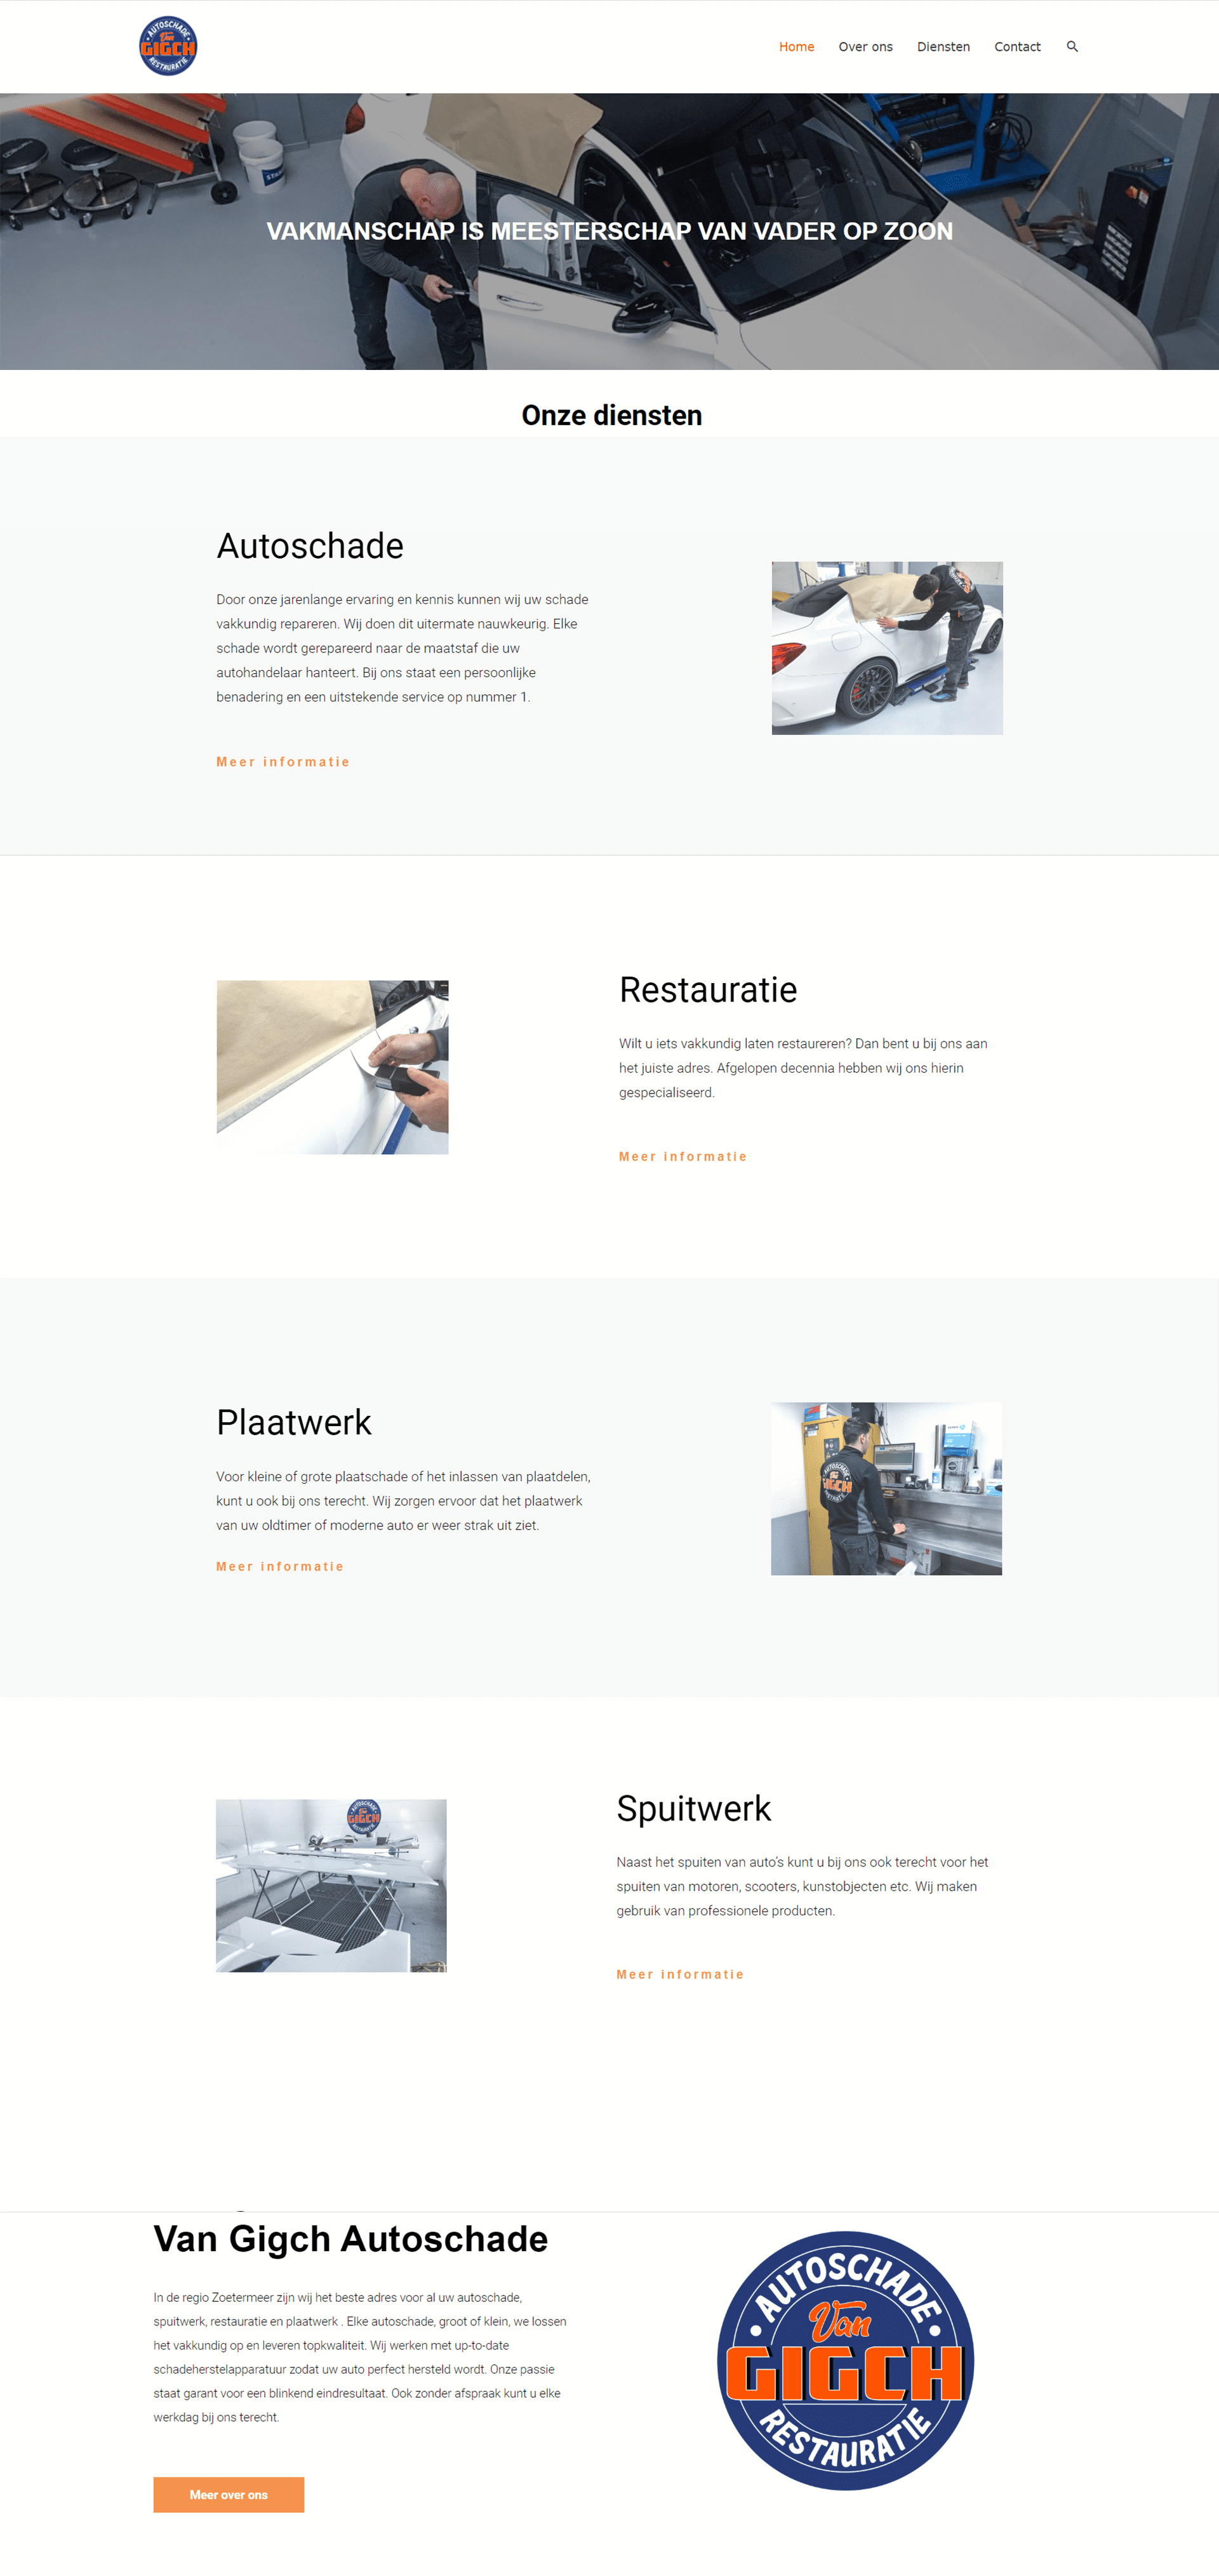 van gigch autoschade webdesign